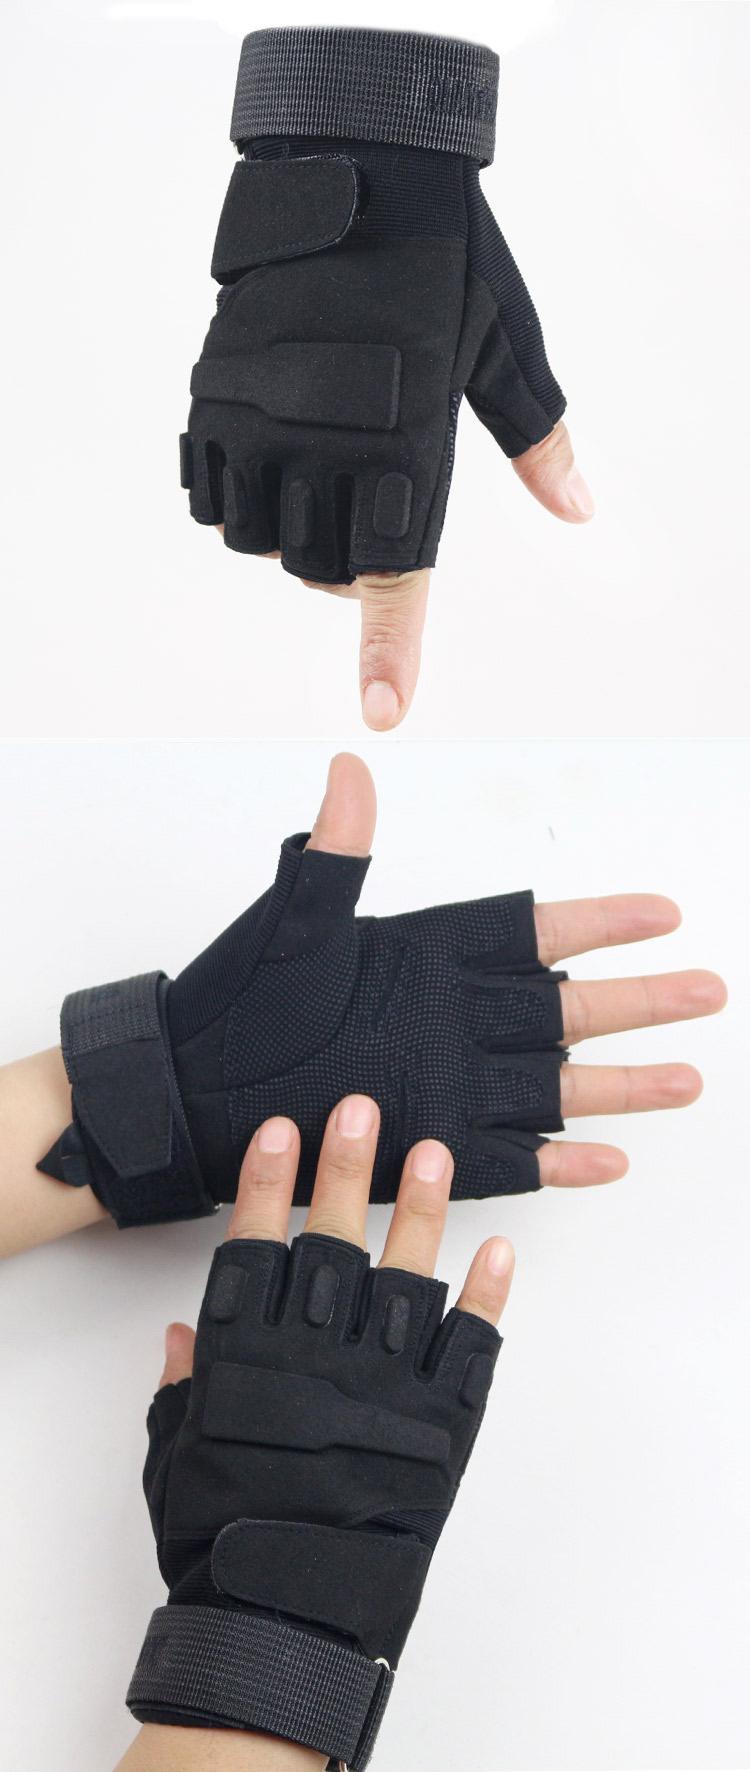 sportivnye perchatki s polupalcami takticheskie perchatki dlja voennyh 12 - Спортивные перчатки с полупальцами, тактические перчатки для военных